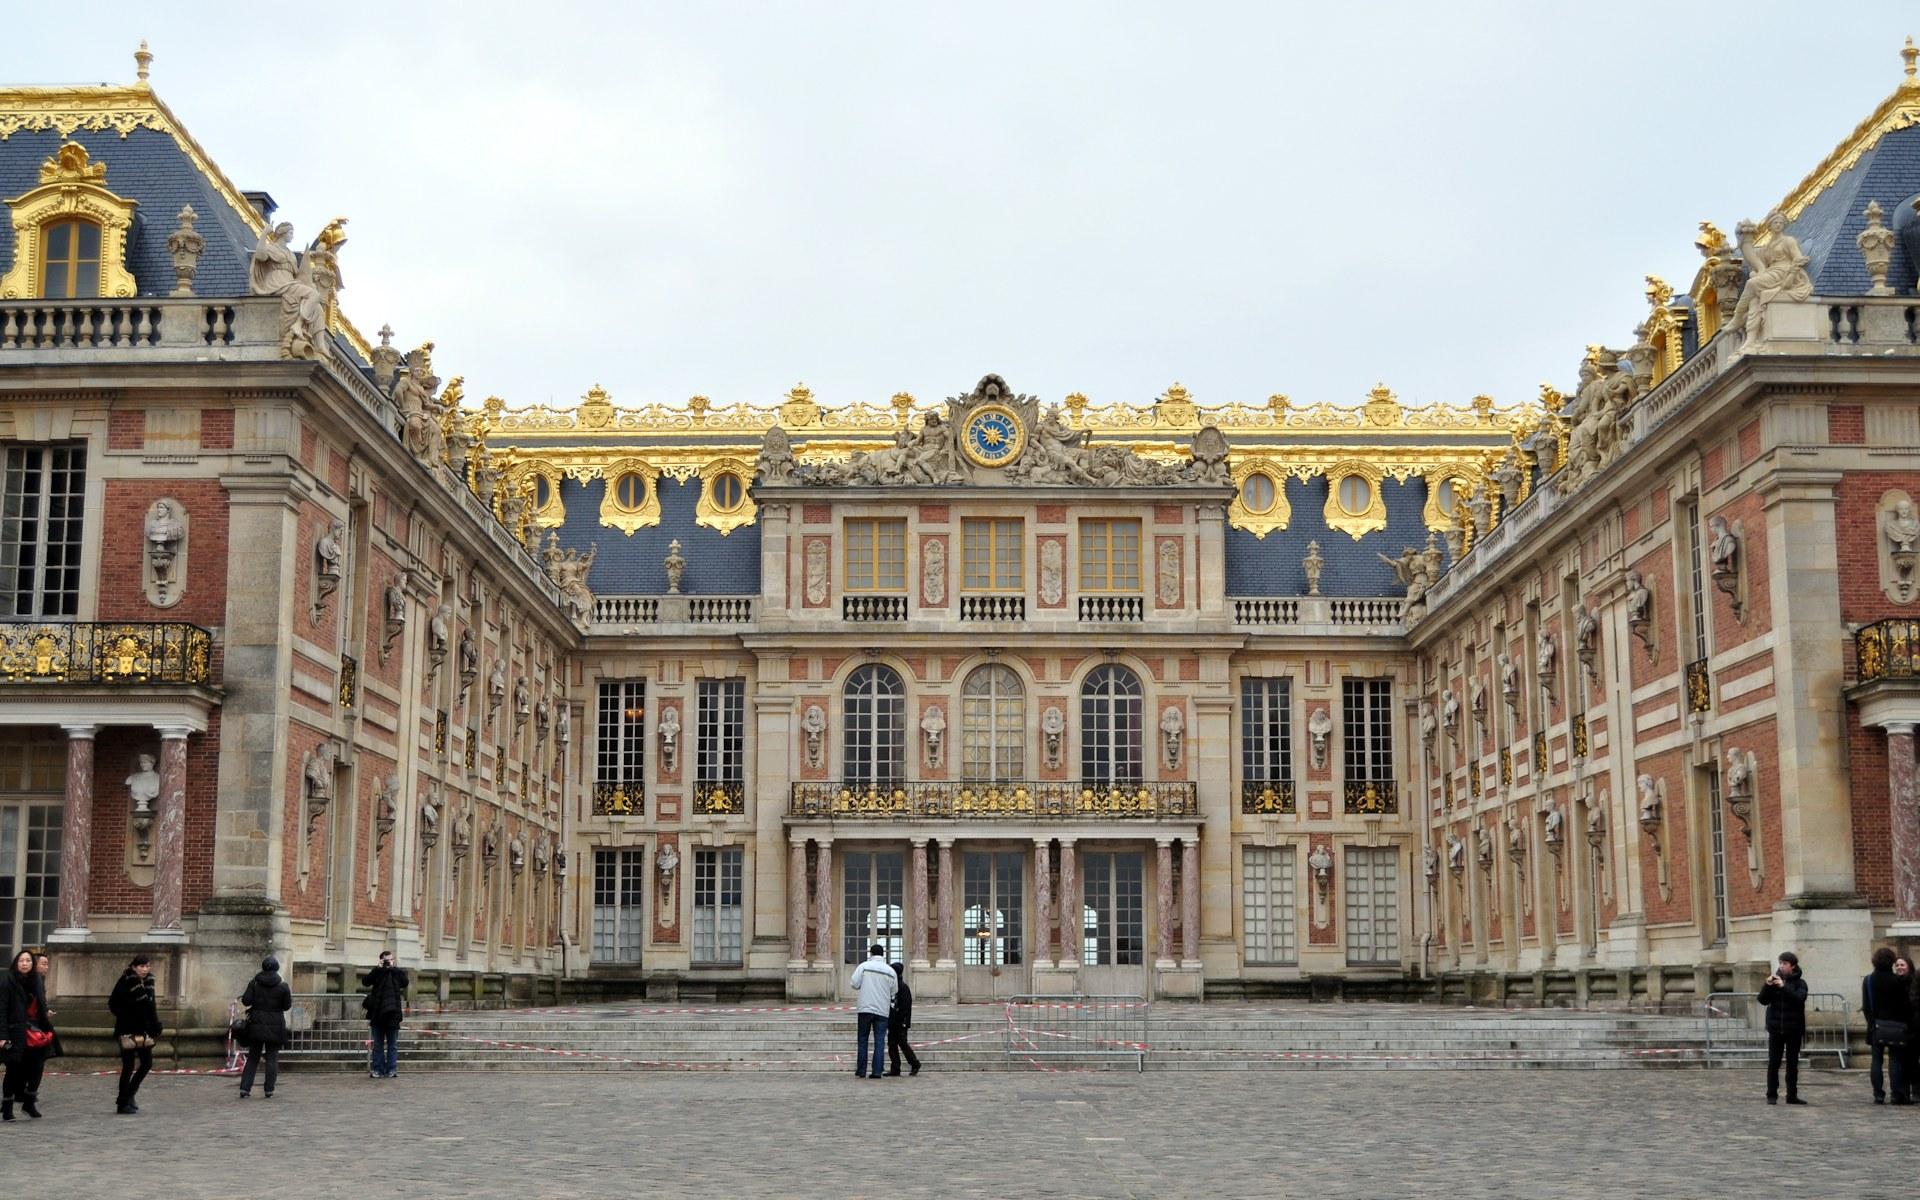 ヴェルサイユ宮殿の画像 p1_28